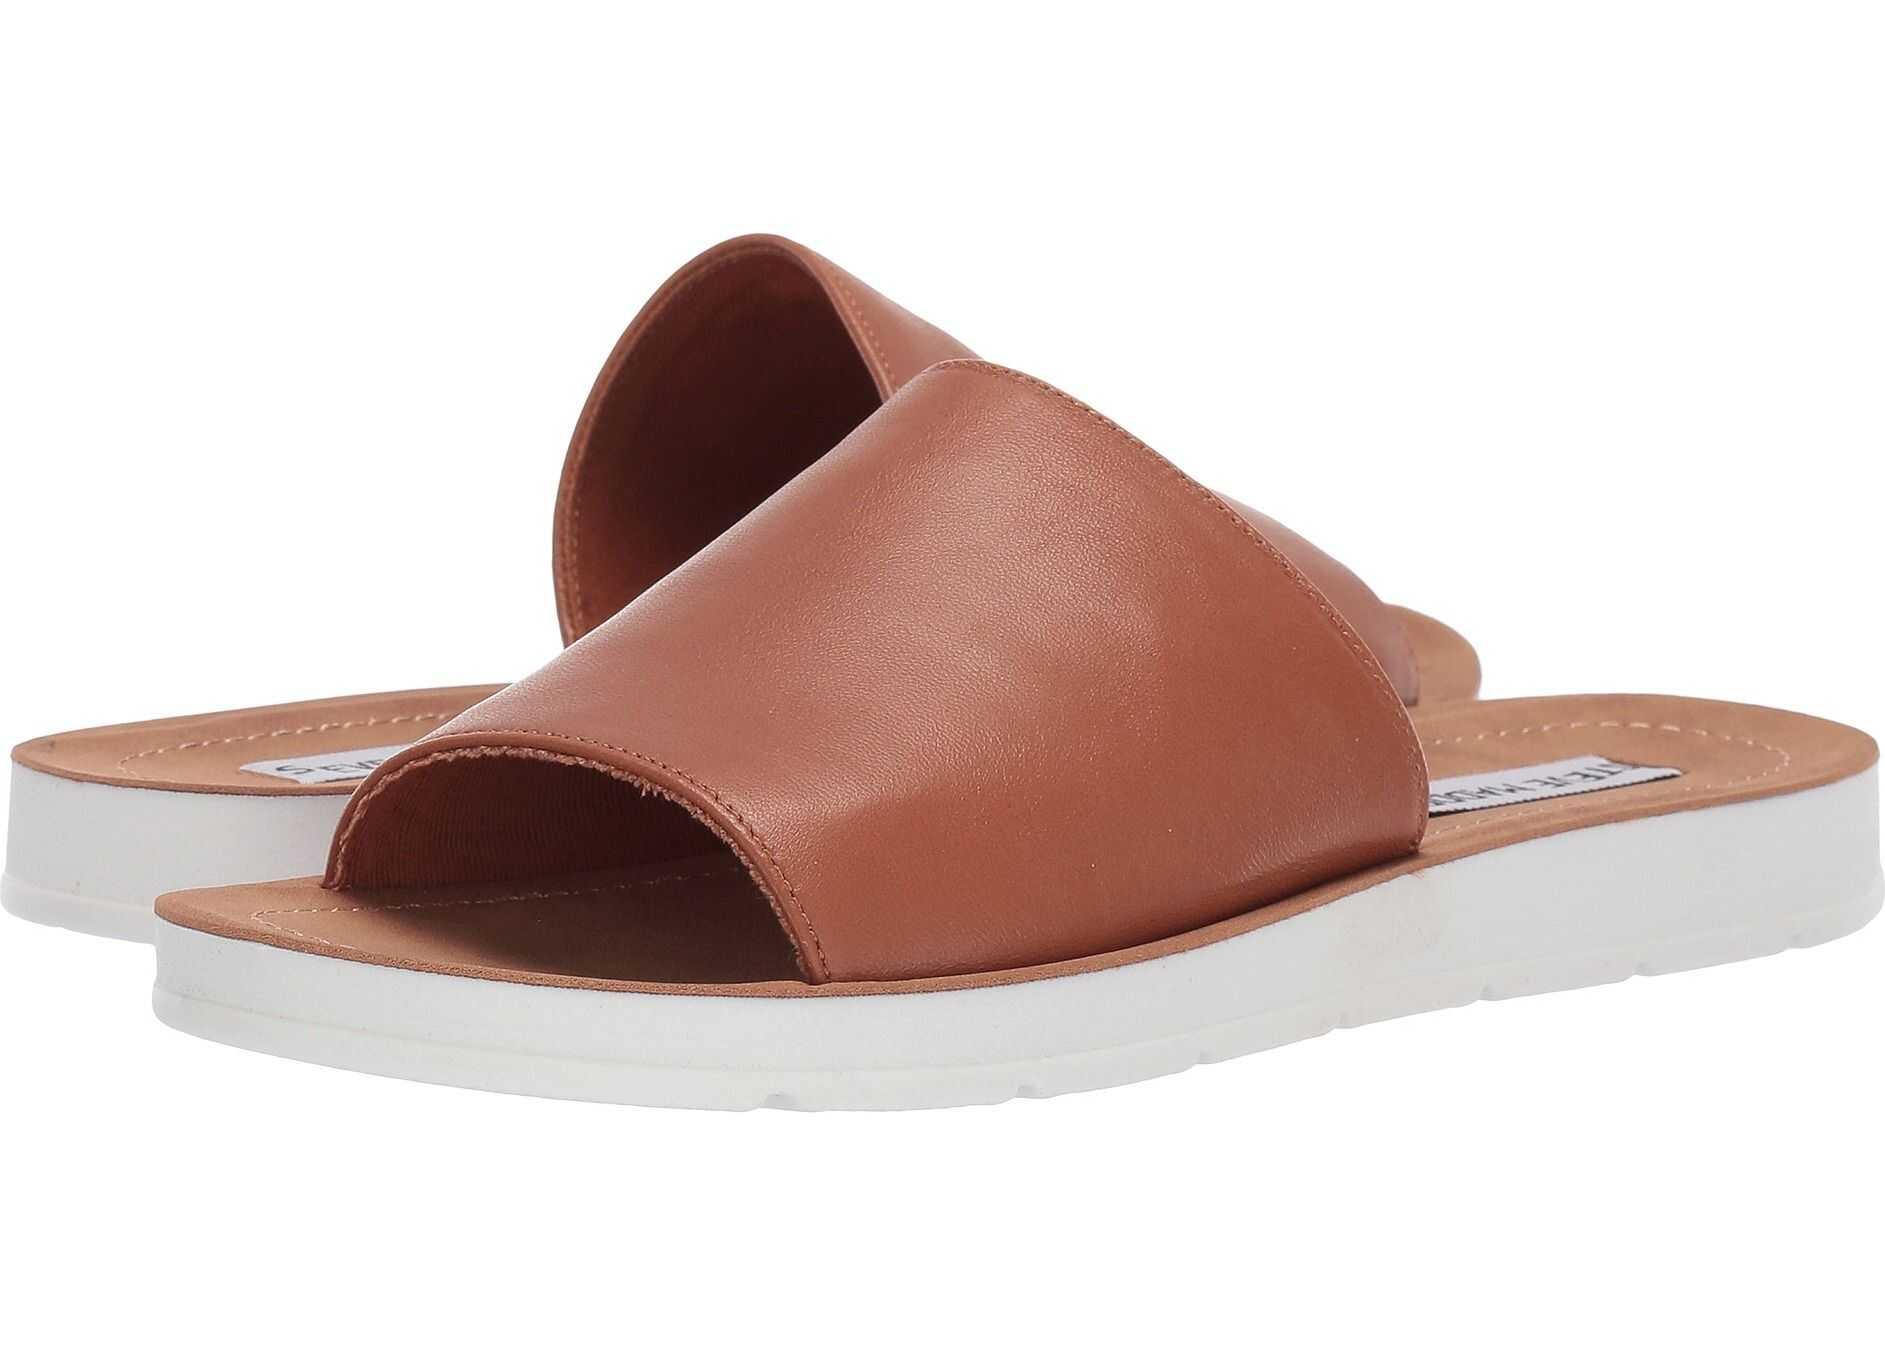 Steve Madden Porter Flat Sandal Cognac Leather